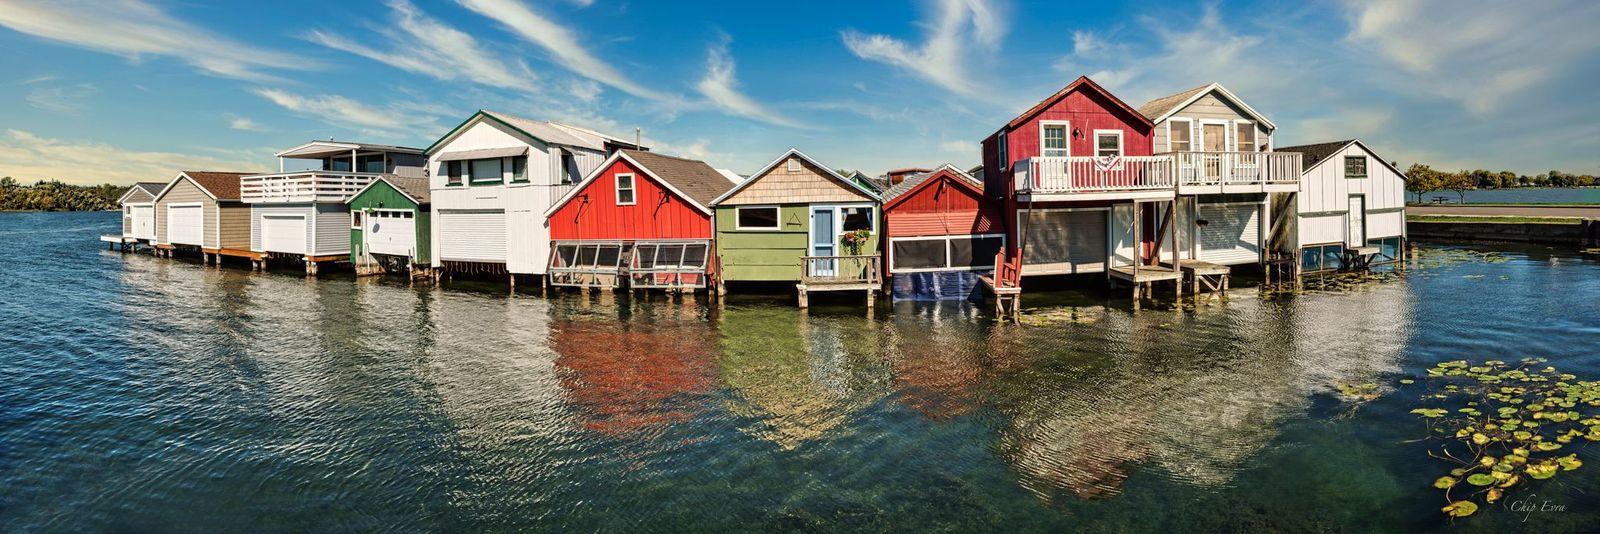 Evra Boathouse